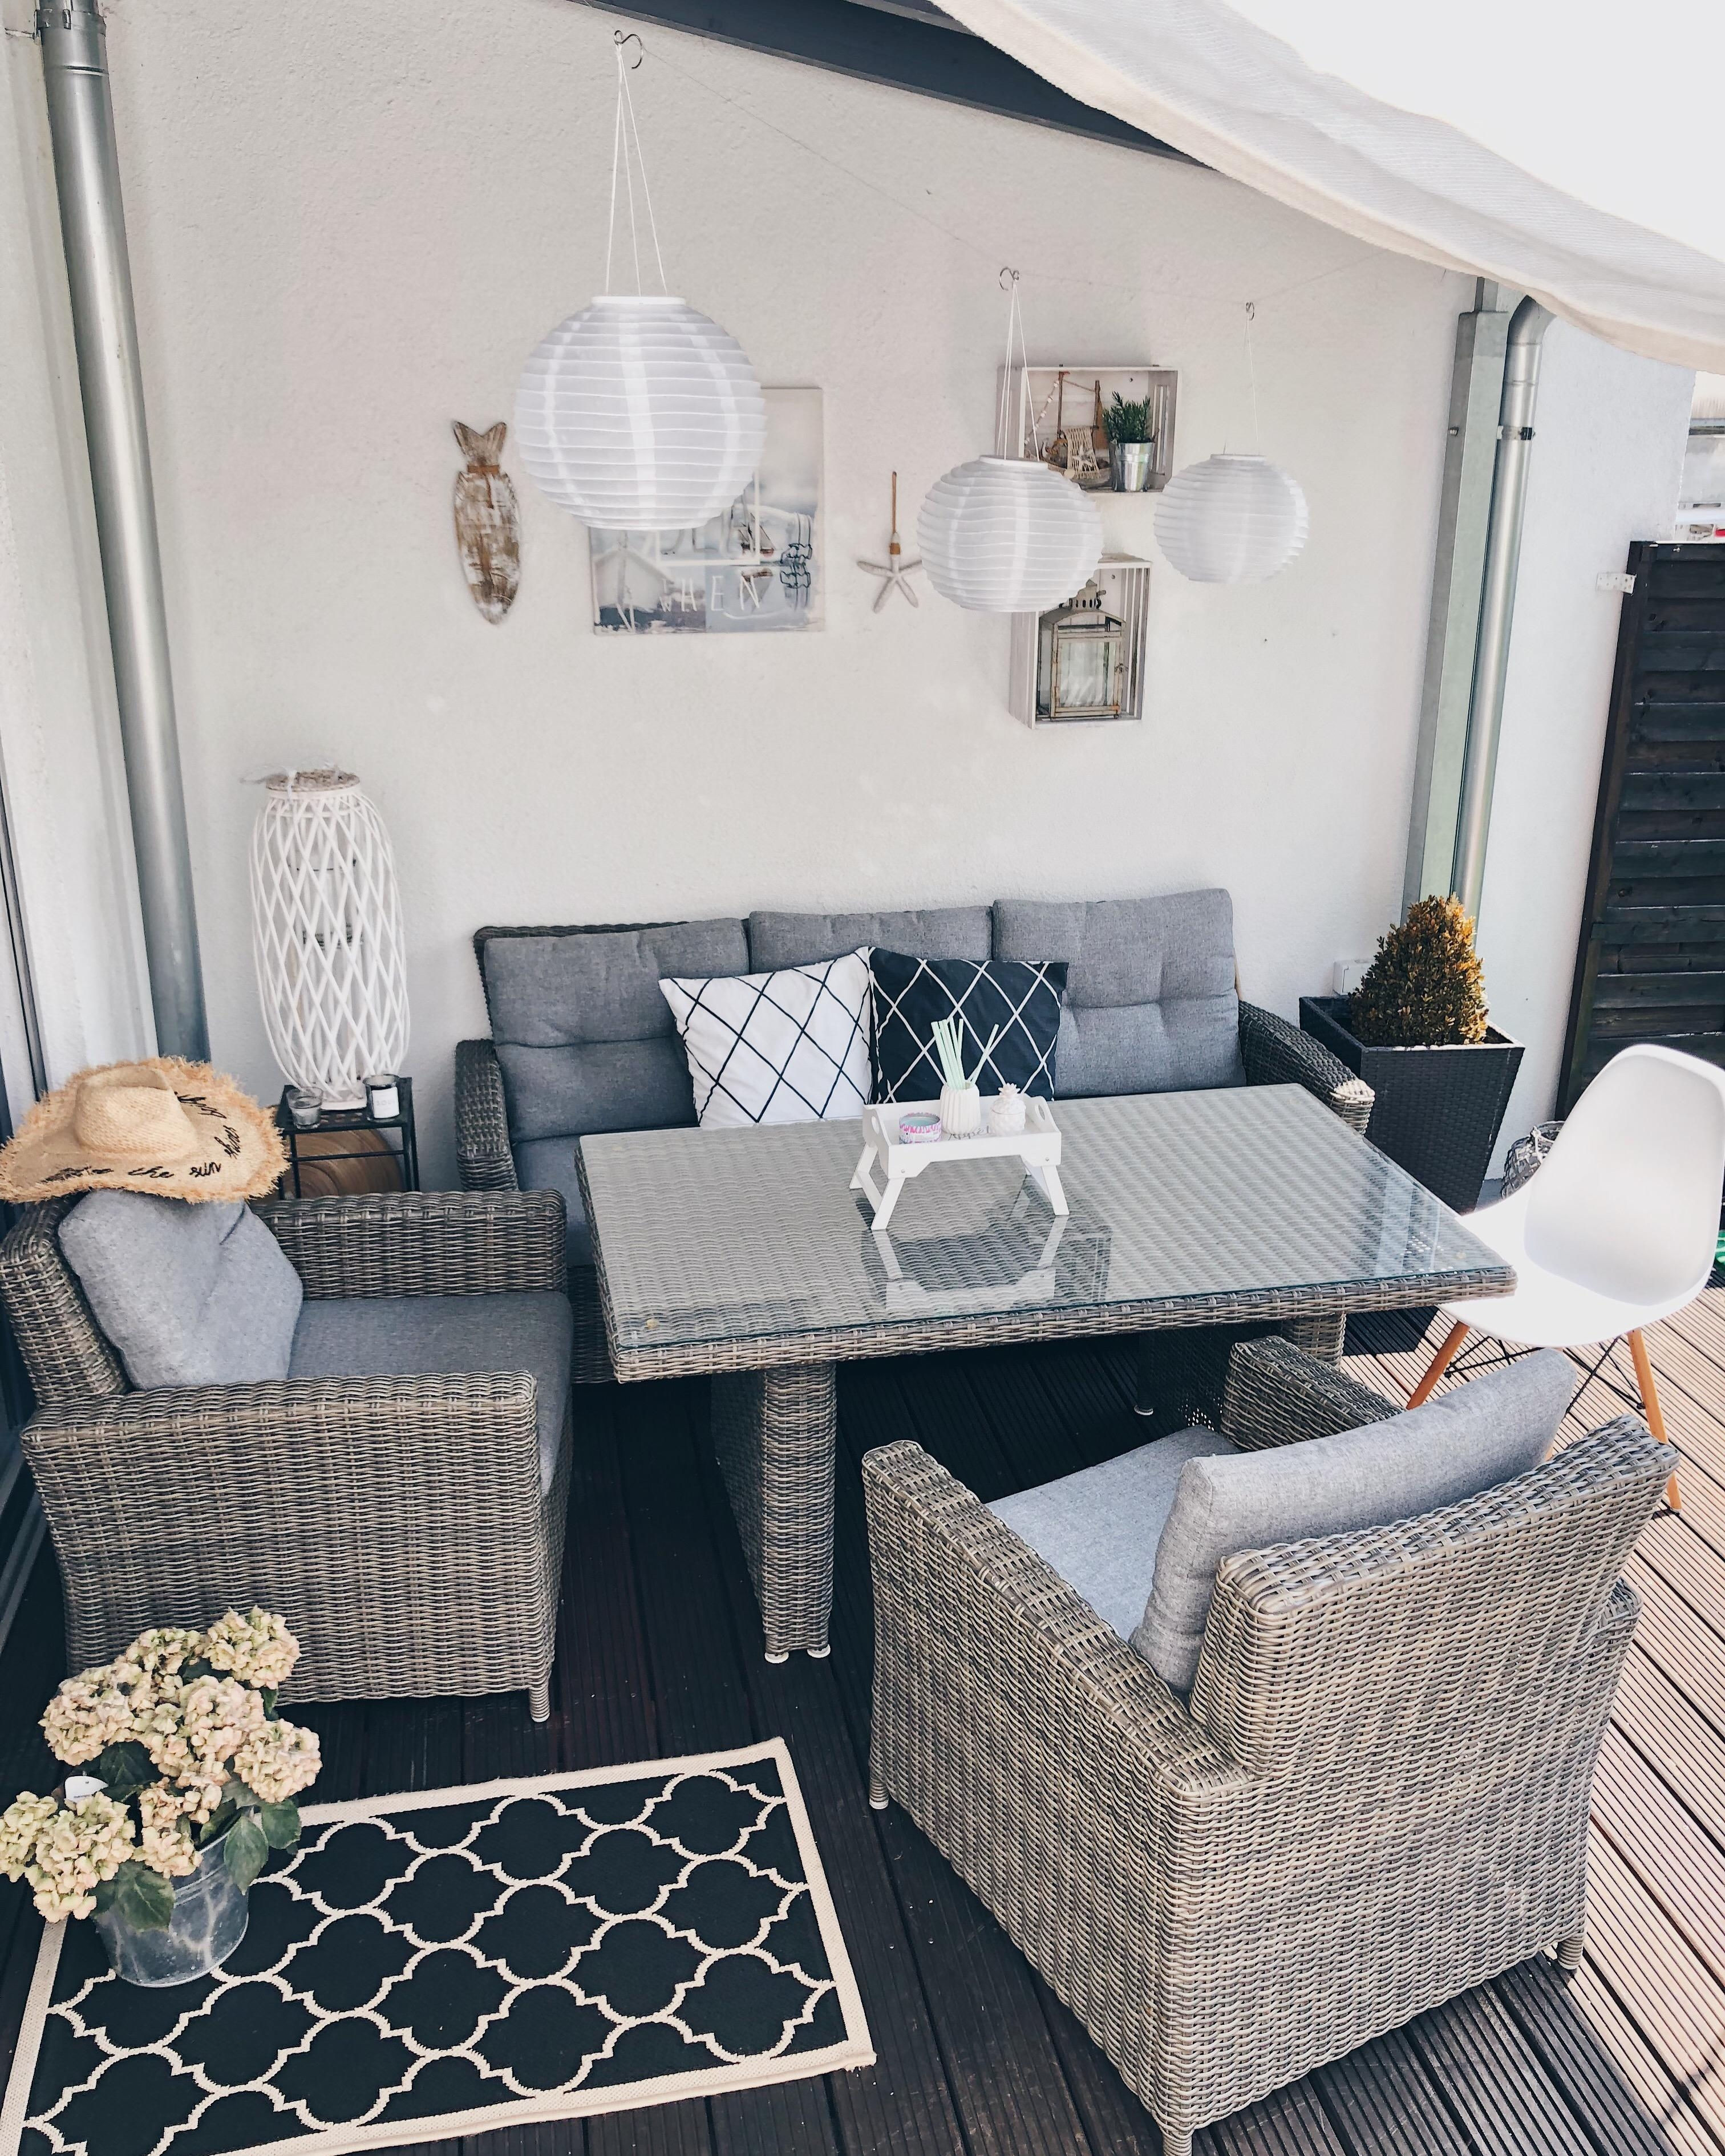 Terrassenmobel Ideen Fur Den Outdoorbereich Bei Couch